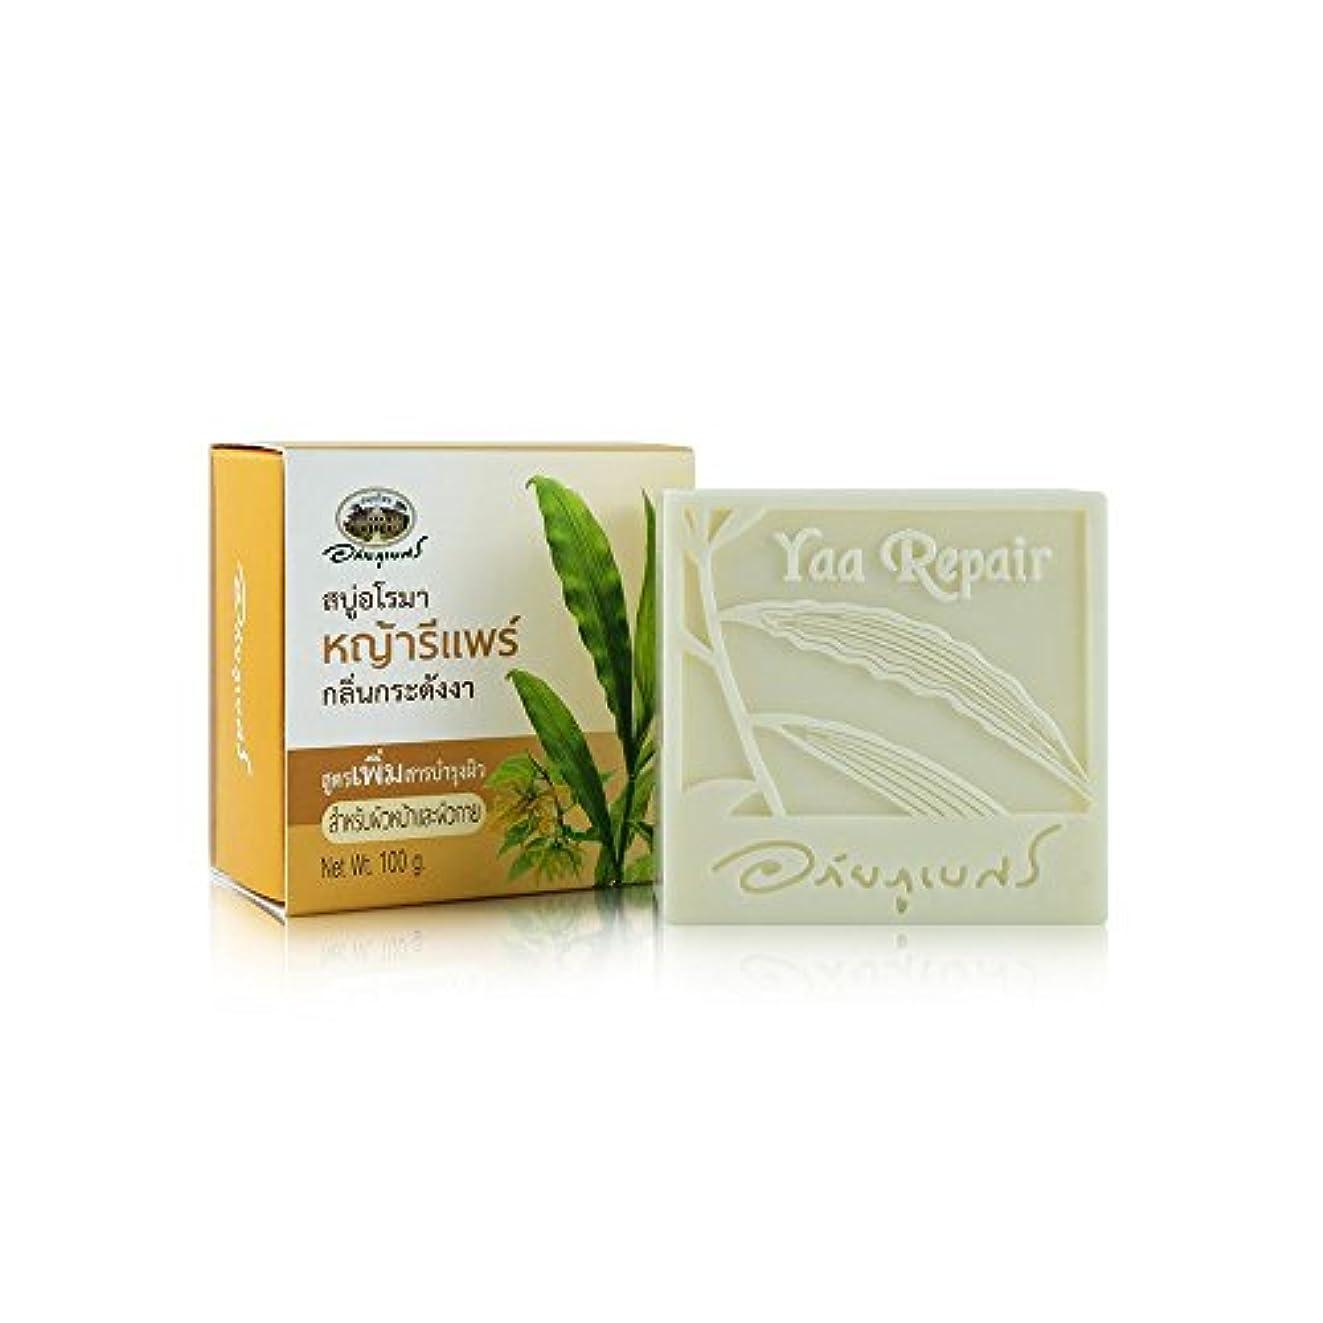 侵入する癌トチの実の木Abhaibhubejhr Thai Aromatherapy With Ylang Ylang Skin Care Formula Herbal Body Face Cleaning Soap 100g.